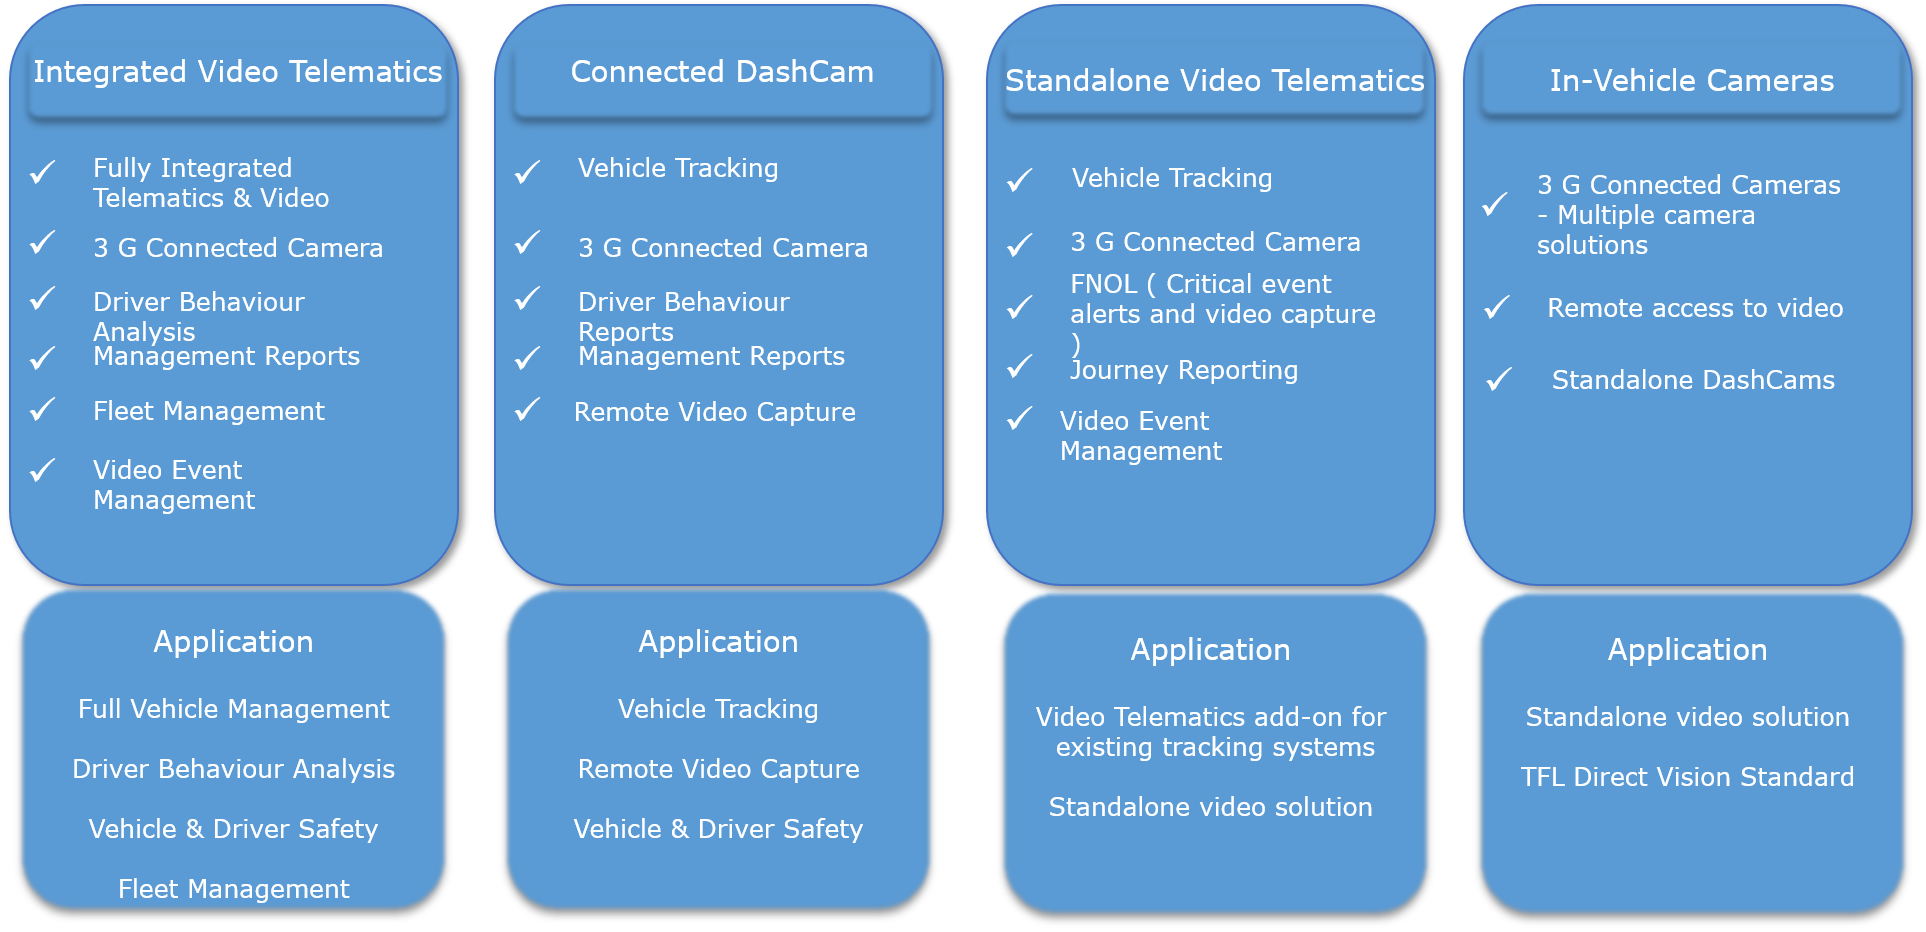 Video Telematics Comparison Chart